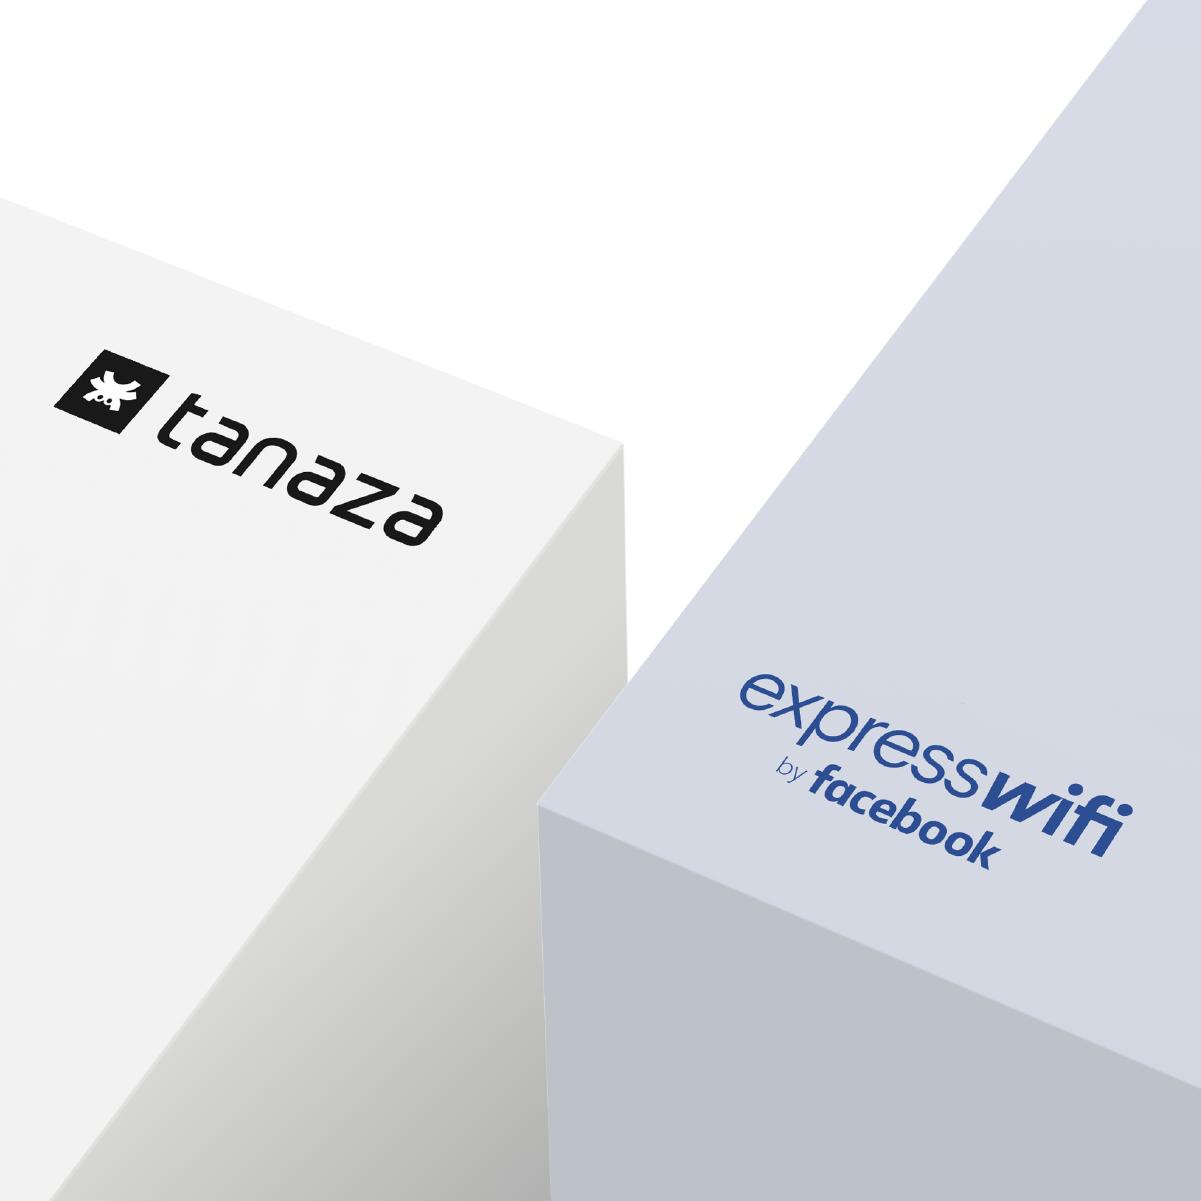 Tanaza joins Facebook Express Wifi